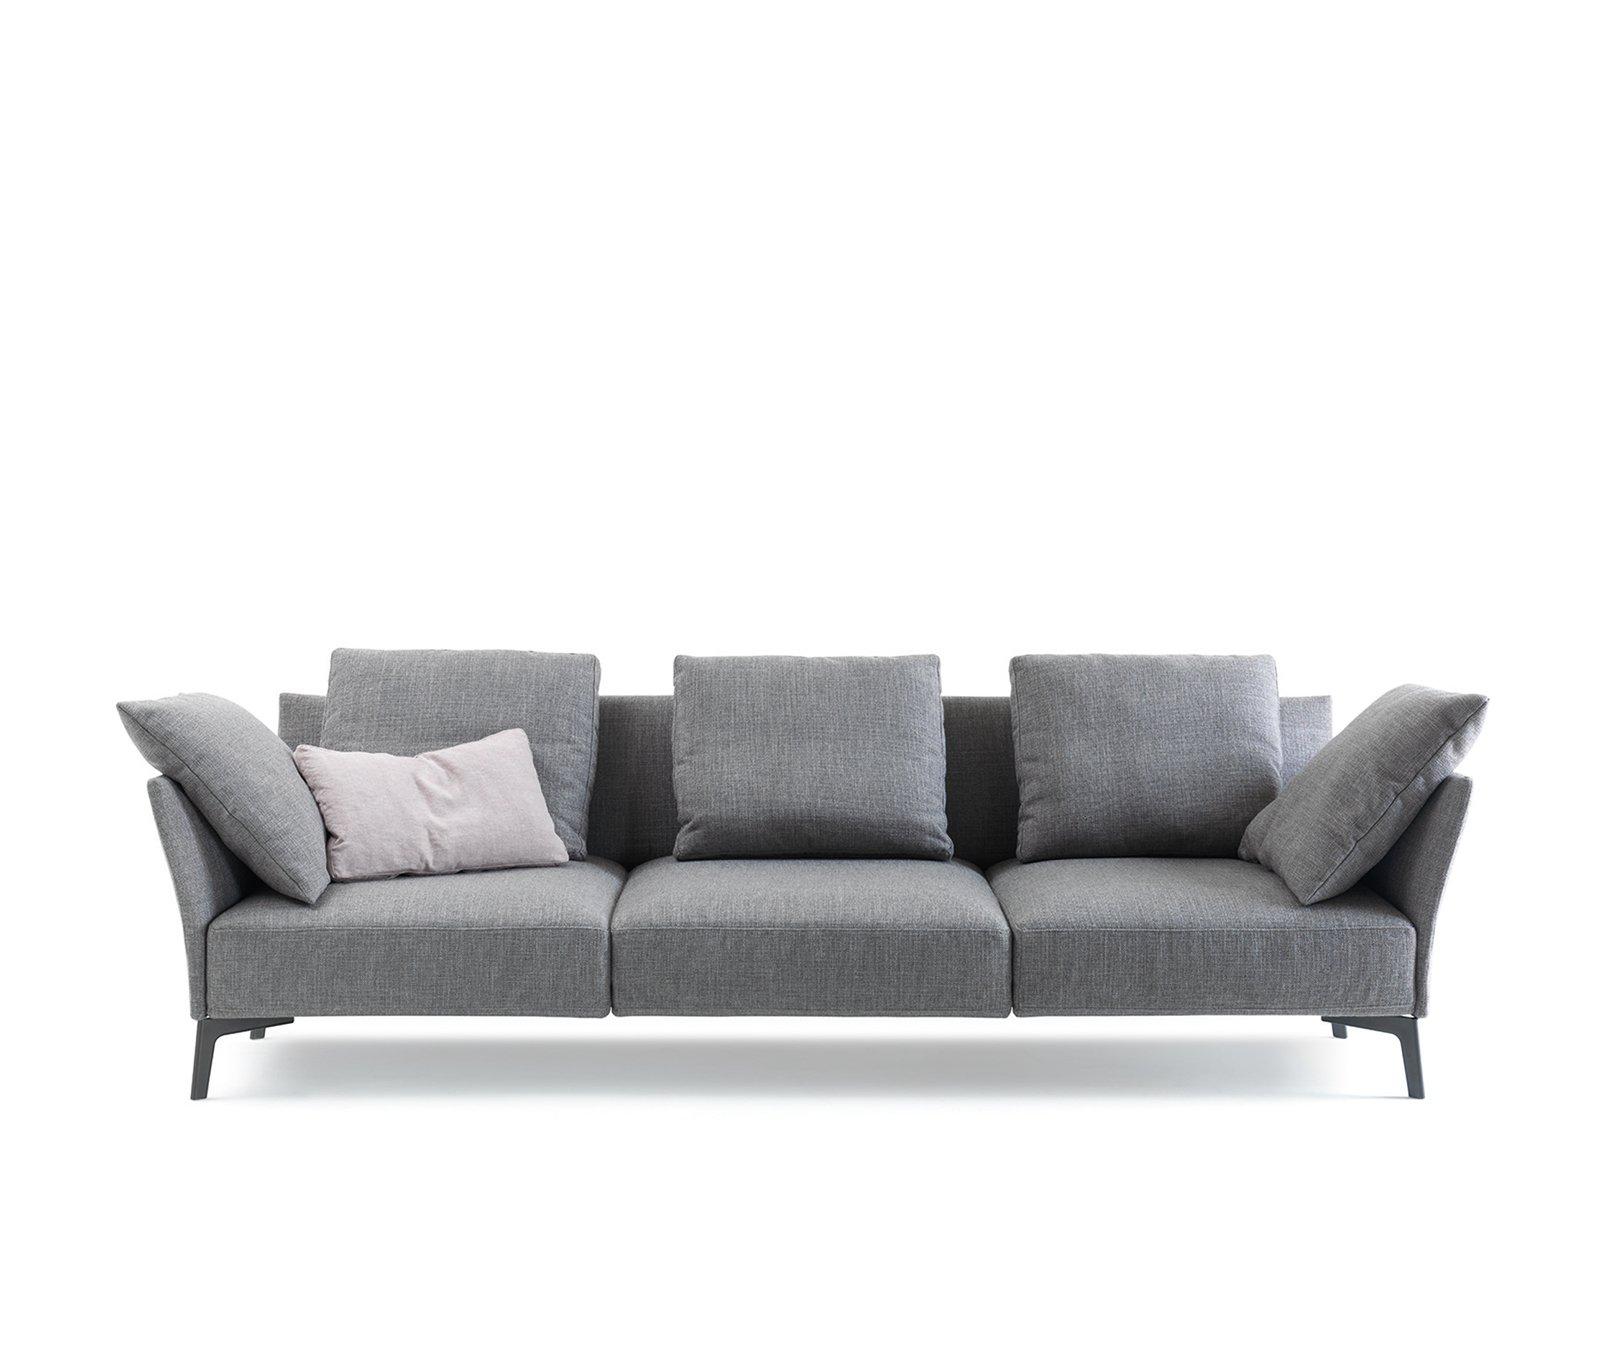 Mercatone uno pouf letto interesting pouf letto divani e superba rosa chiaro vimini calzino - Pouf letto mercatone uno ...